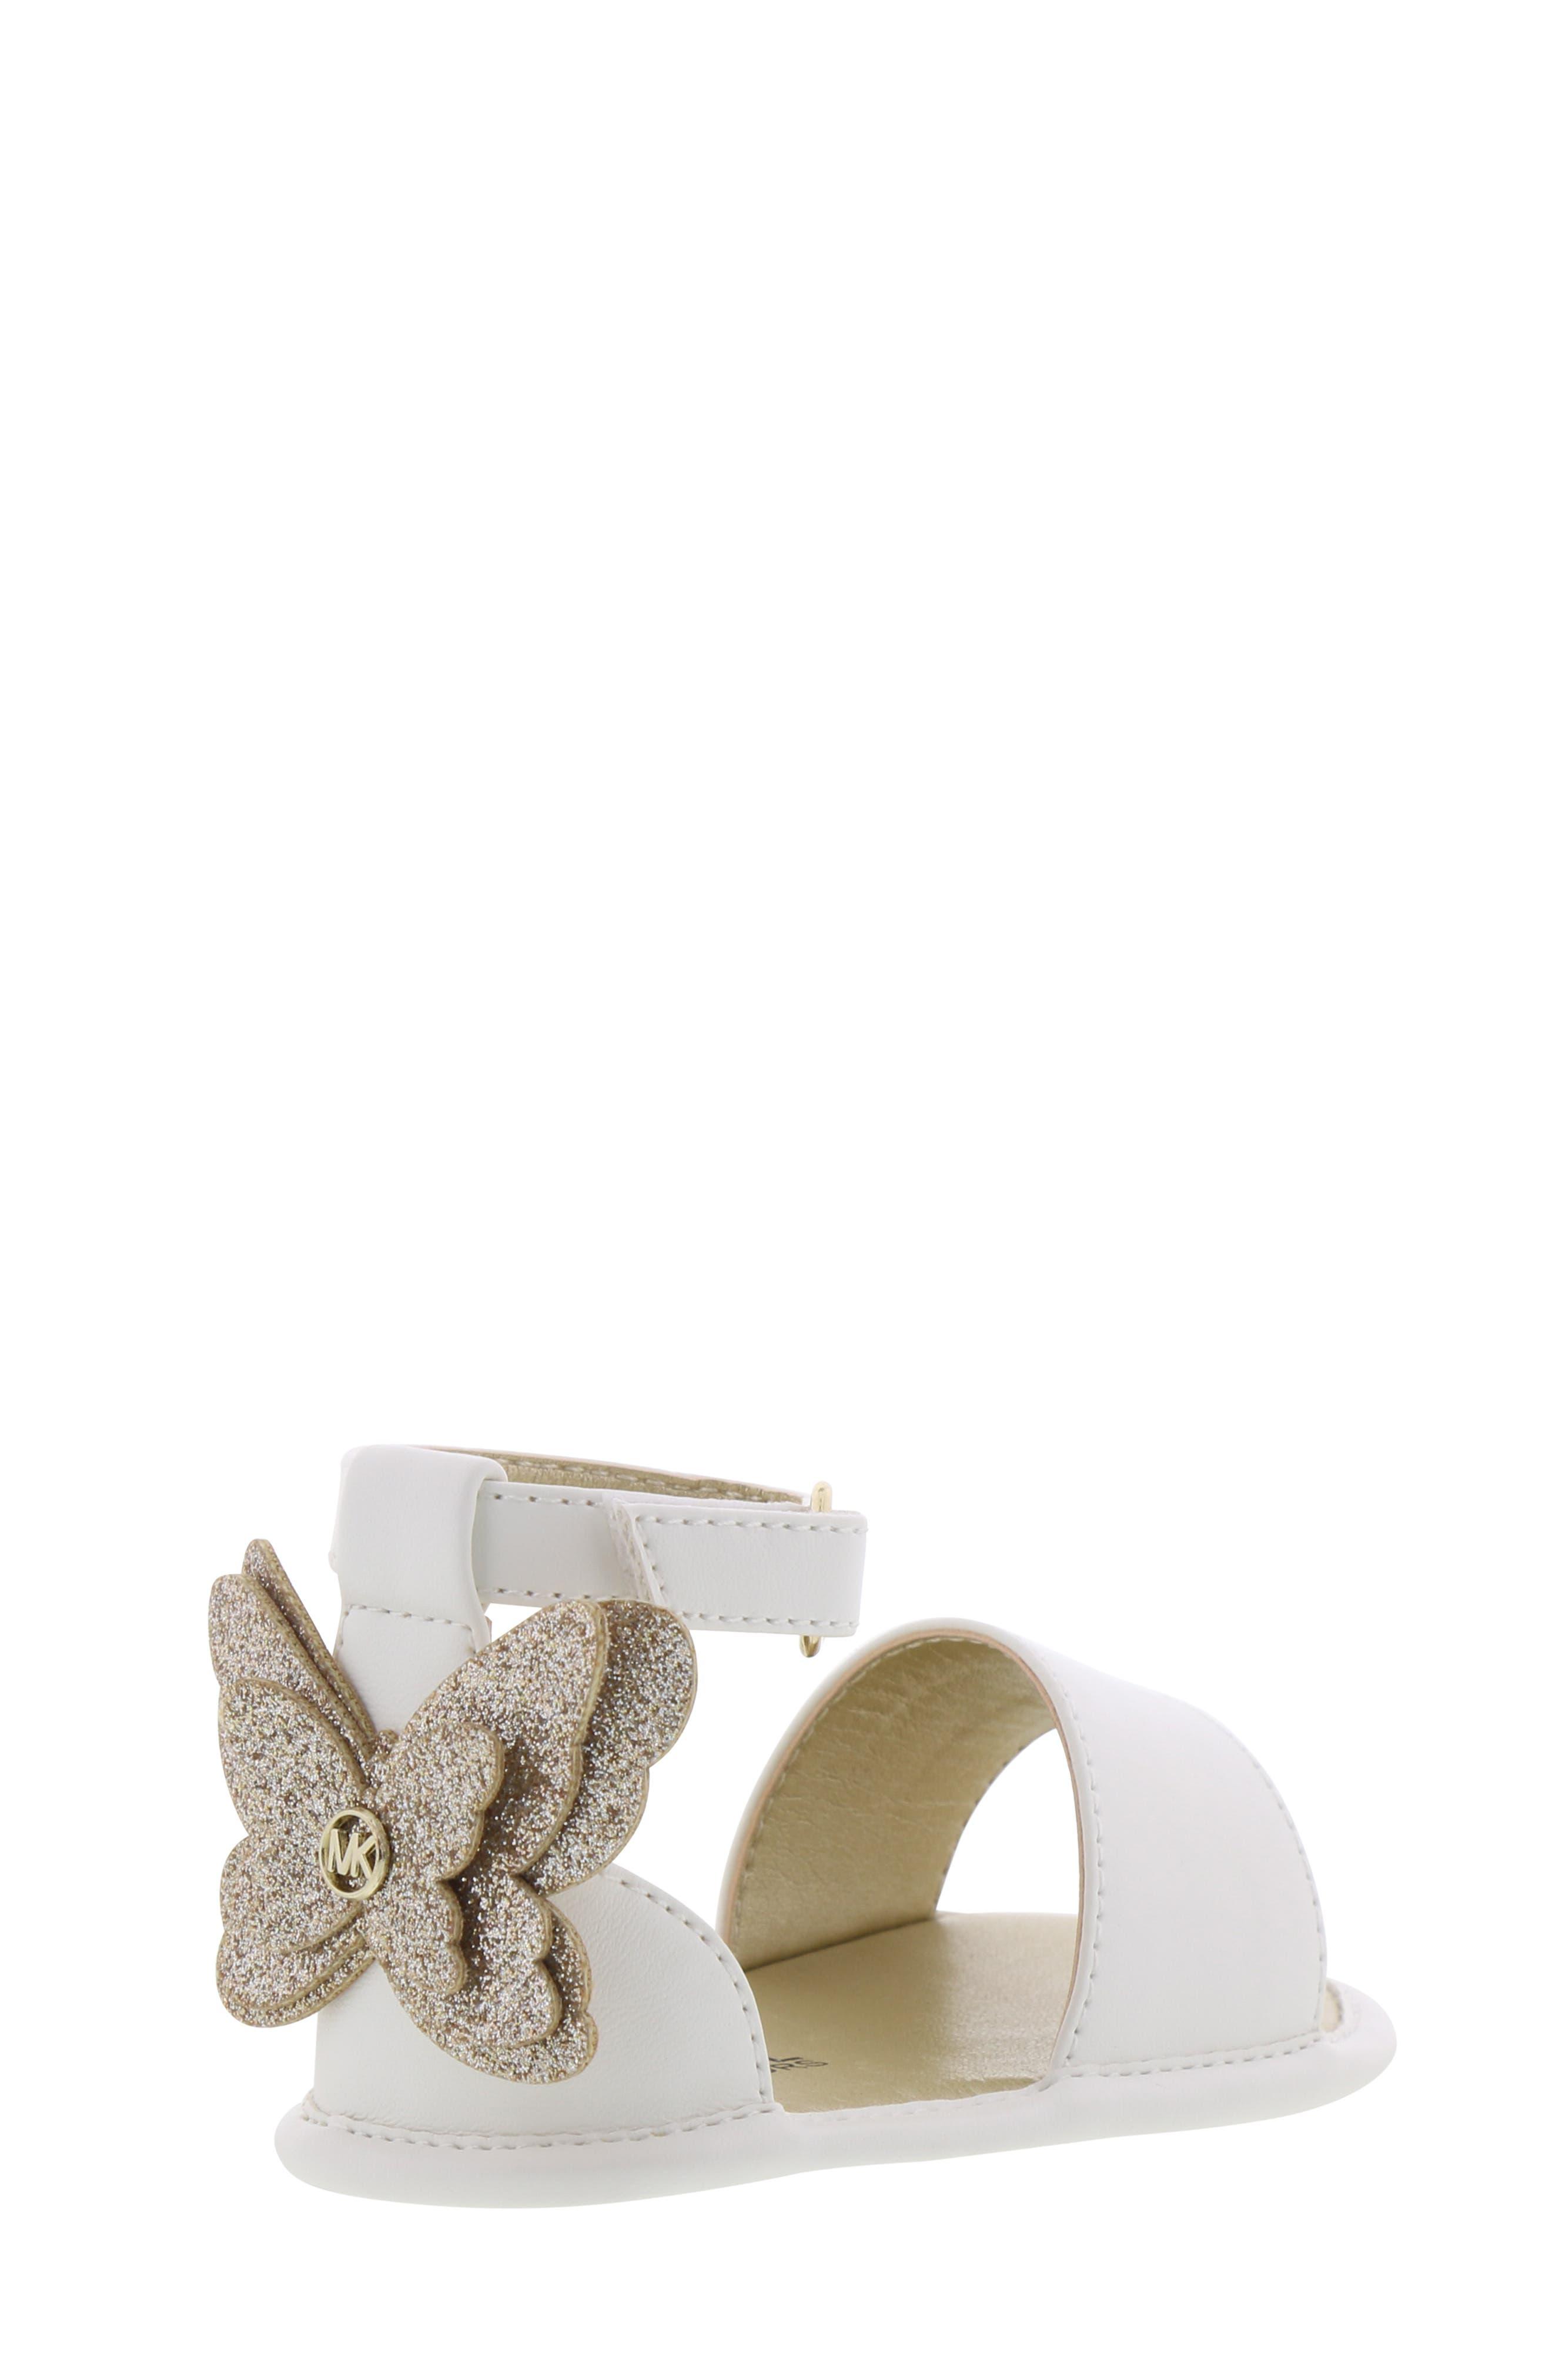 MICHAEL MICHAEL KORS, Tilly Sansa Glitter Sandal, Alternate thumbnail 2, color, WHITE